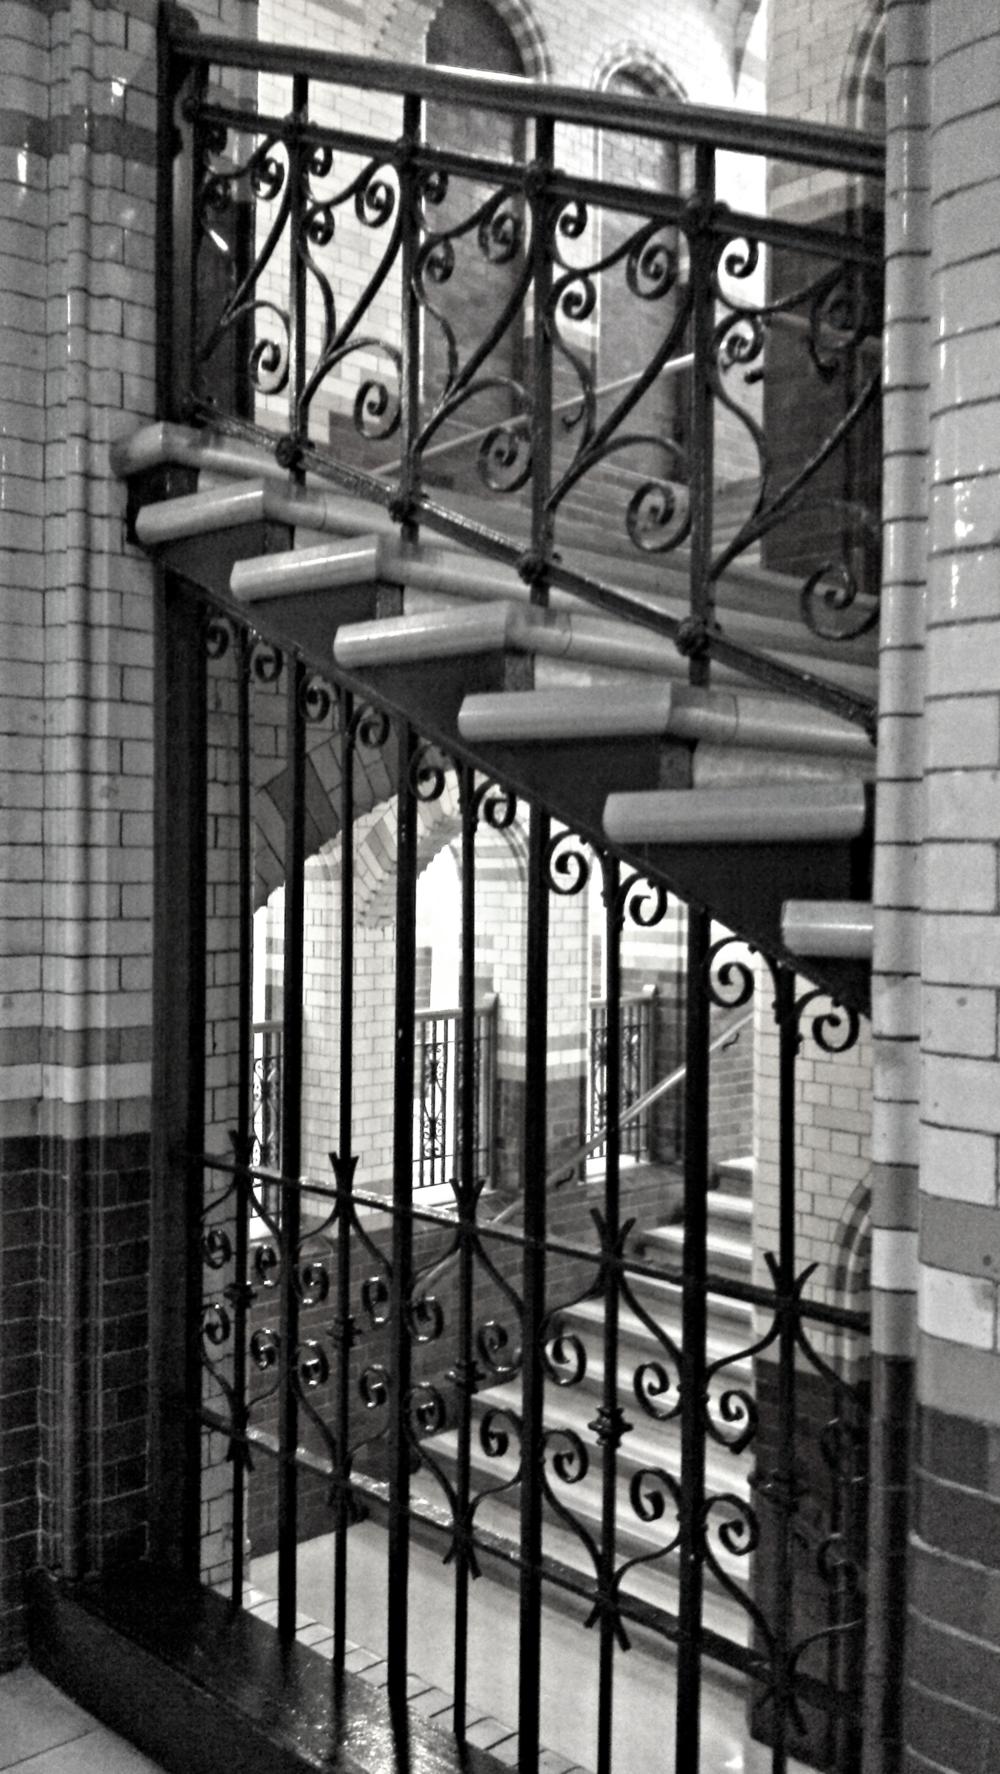 Cruciform stairwell